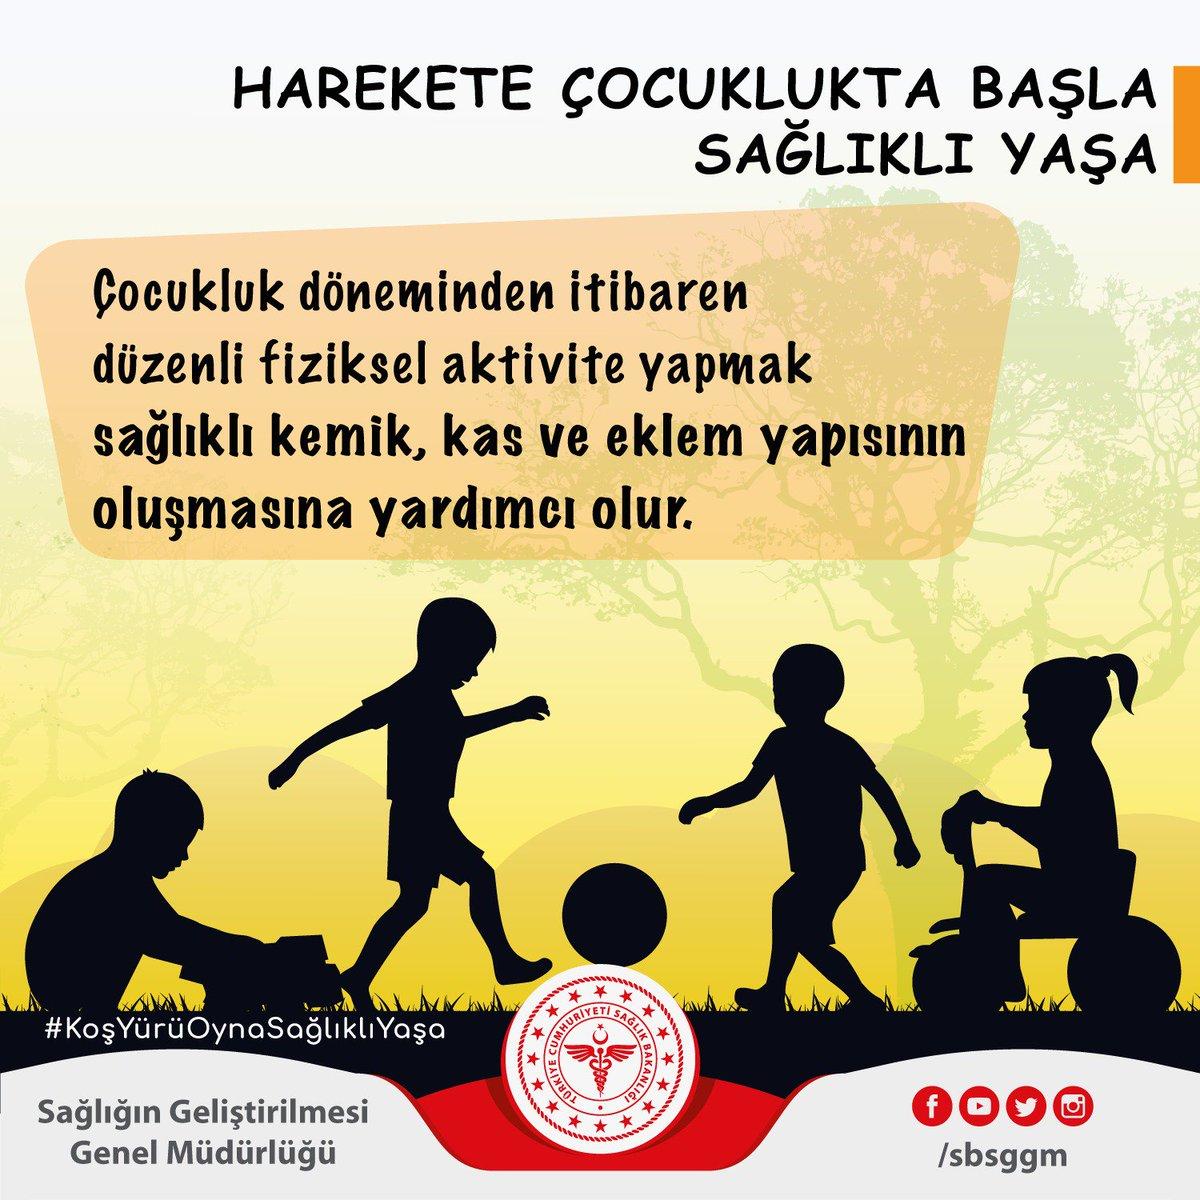 Çocukluk döneminden itibaren düzenli fiziksel aktivite yapmak sağlıklı kemik, kas ve eklem yapısının oluşmasına yardımcı olur. #KoşYürüOynaSağlıklıYaşa